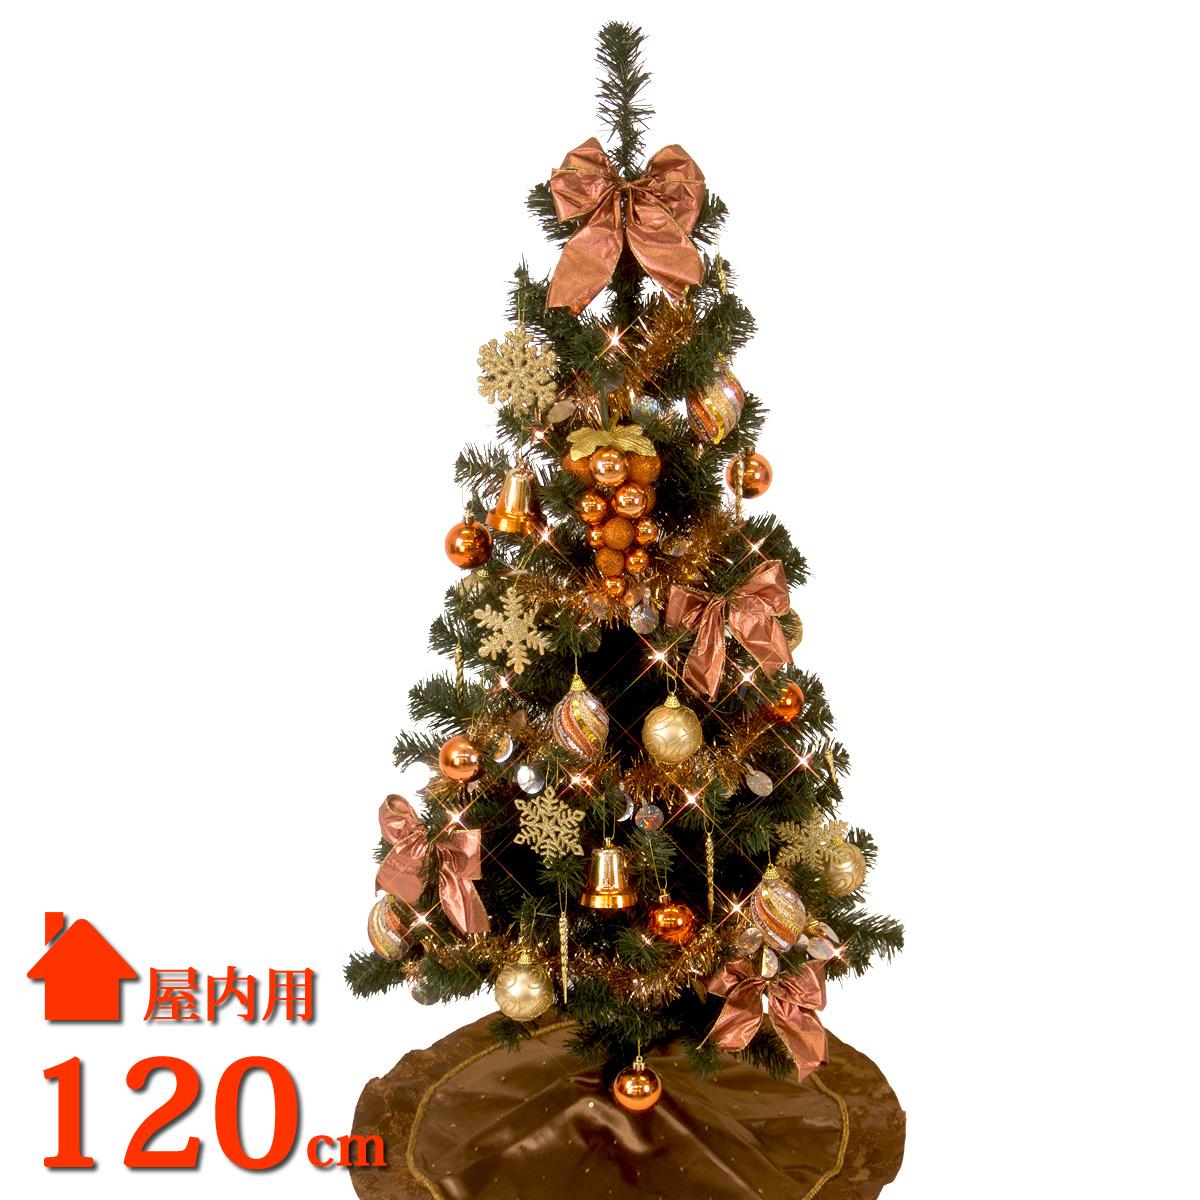 クリスマスツリー 120cm LED ツリーセット コパー&ゴールド 個性的 おしゃれ 【10月下旬入荷予定】